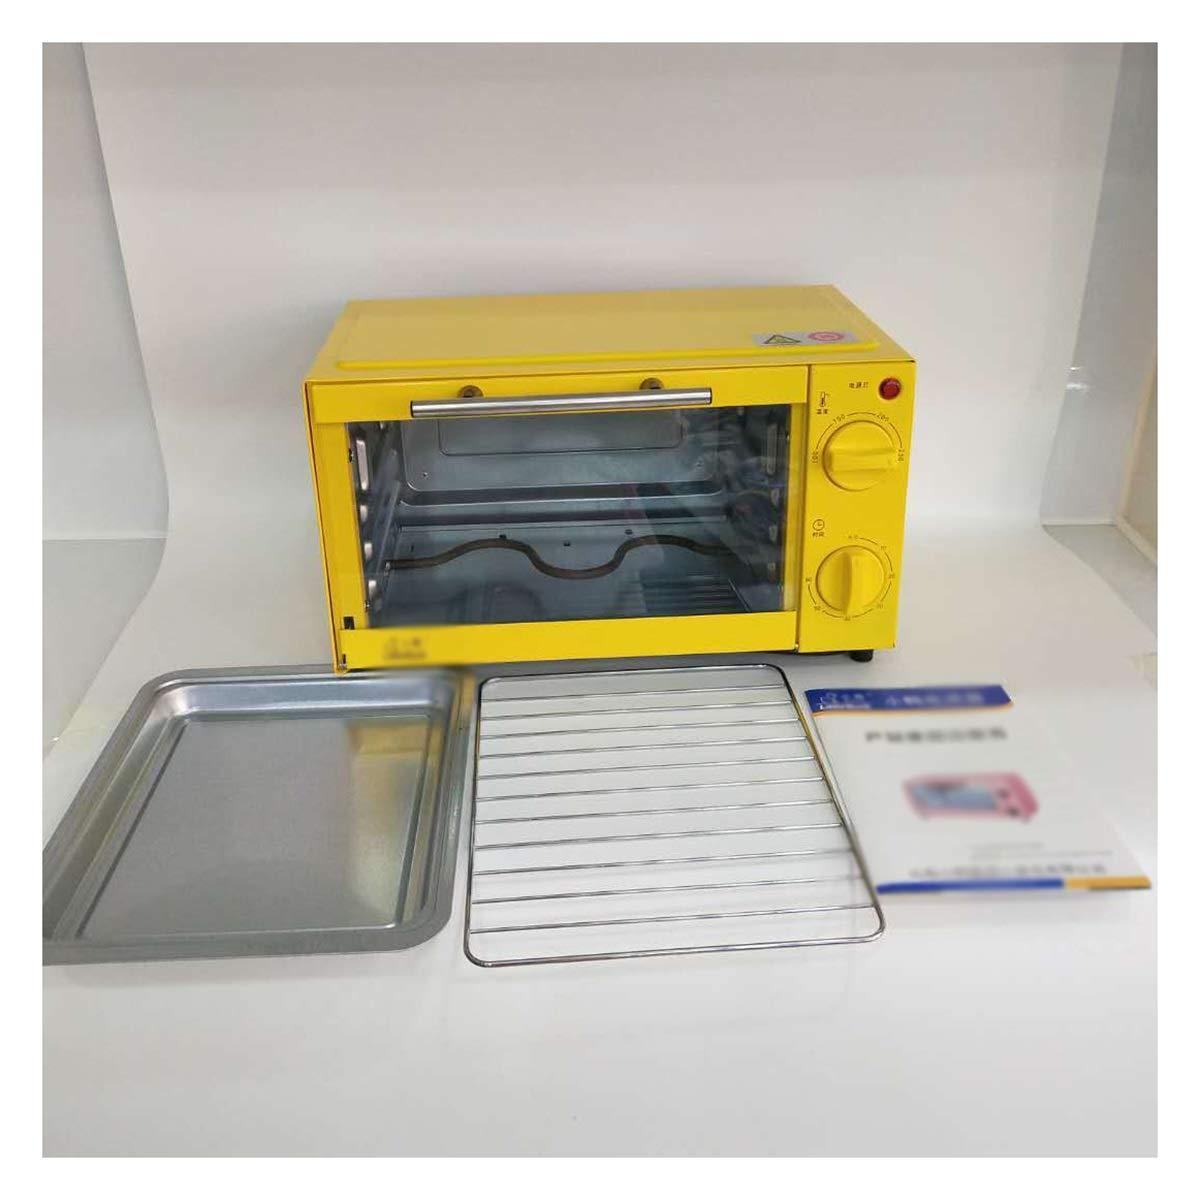 SGKJJ ミニオーブン - 電気オーブンホーム多機能オーブンベーキング電気オーブンミニ電気オーブン - オーブントースター (色 : 黄)  黄 B07QM8FDLR